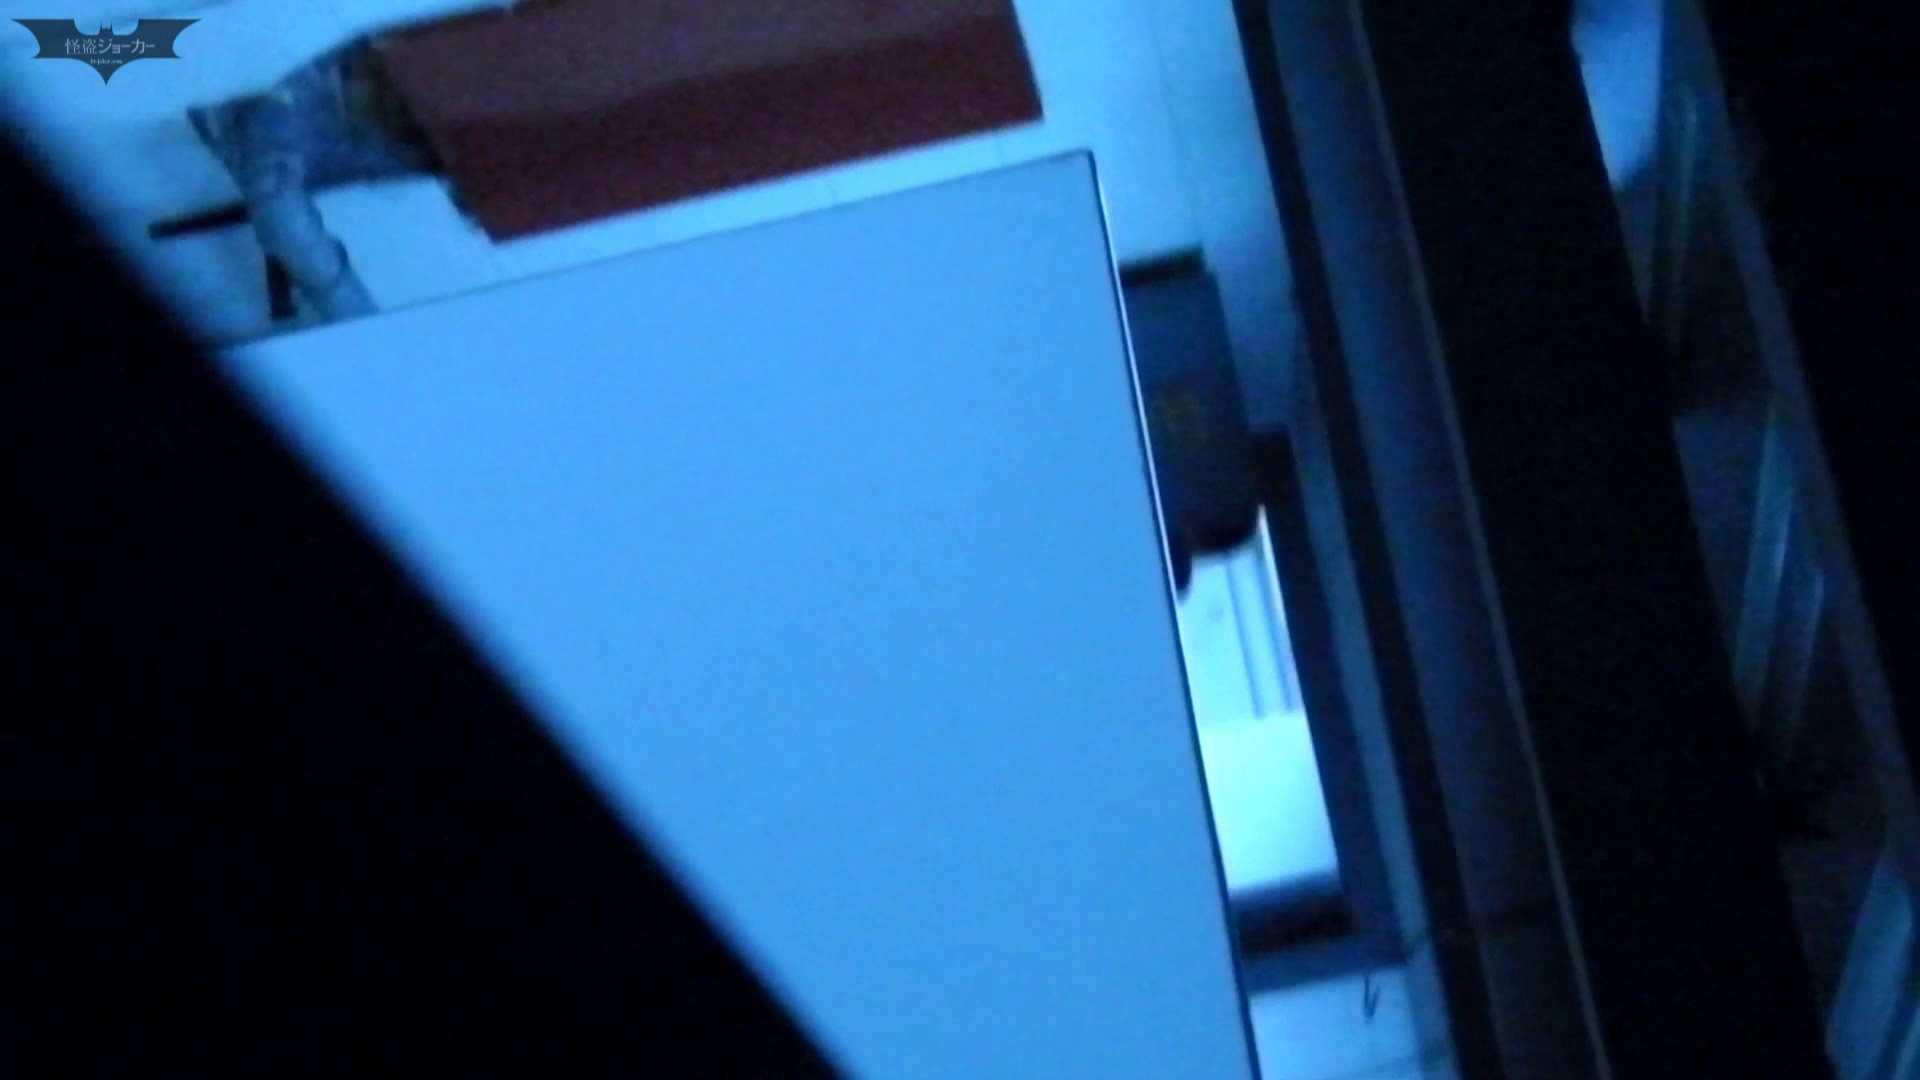 新世界の射窓 No70 世界の窓70 八頭身美女のエロい中腰 ギャル攻め 戯れ無修正画像 101画像 8